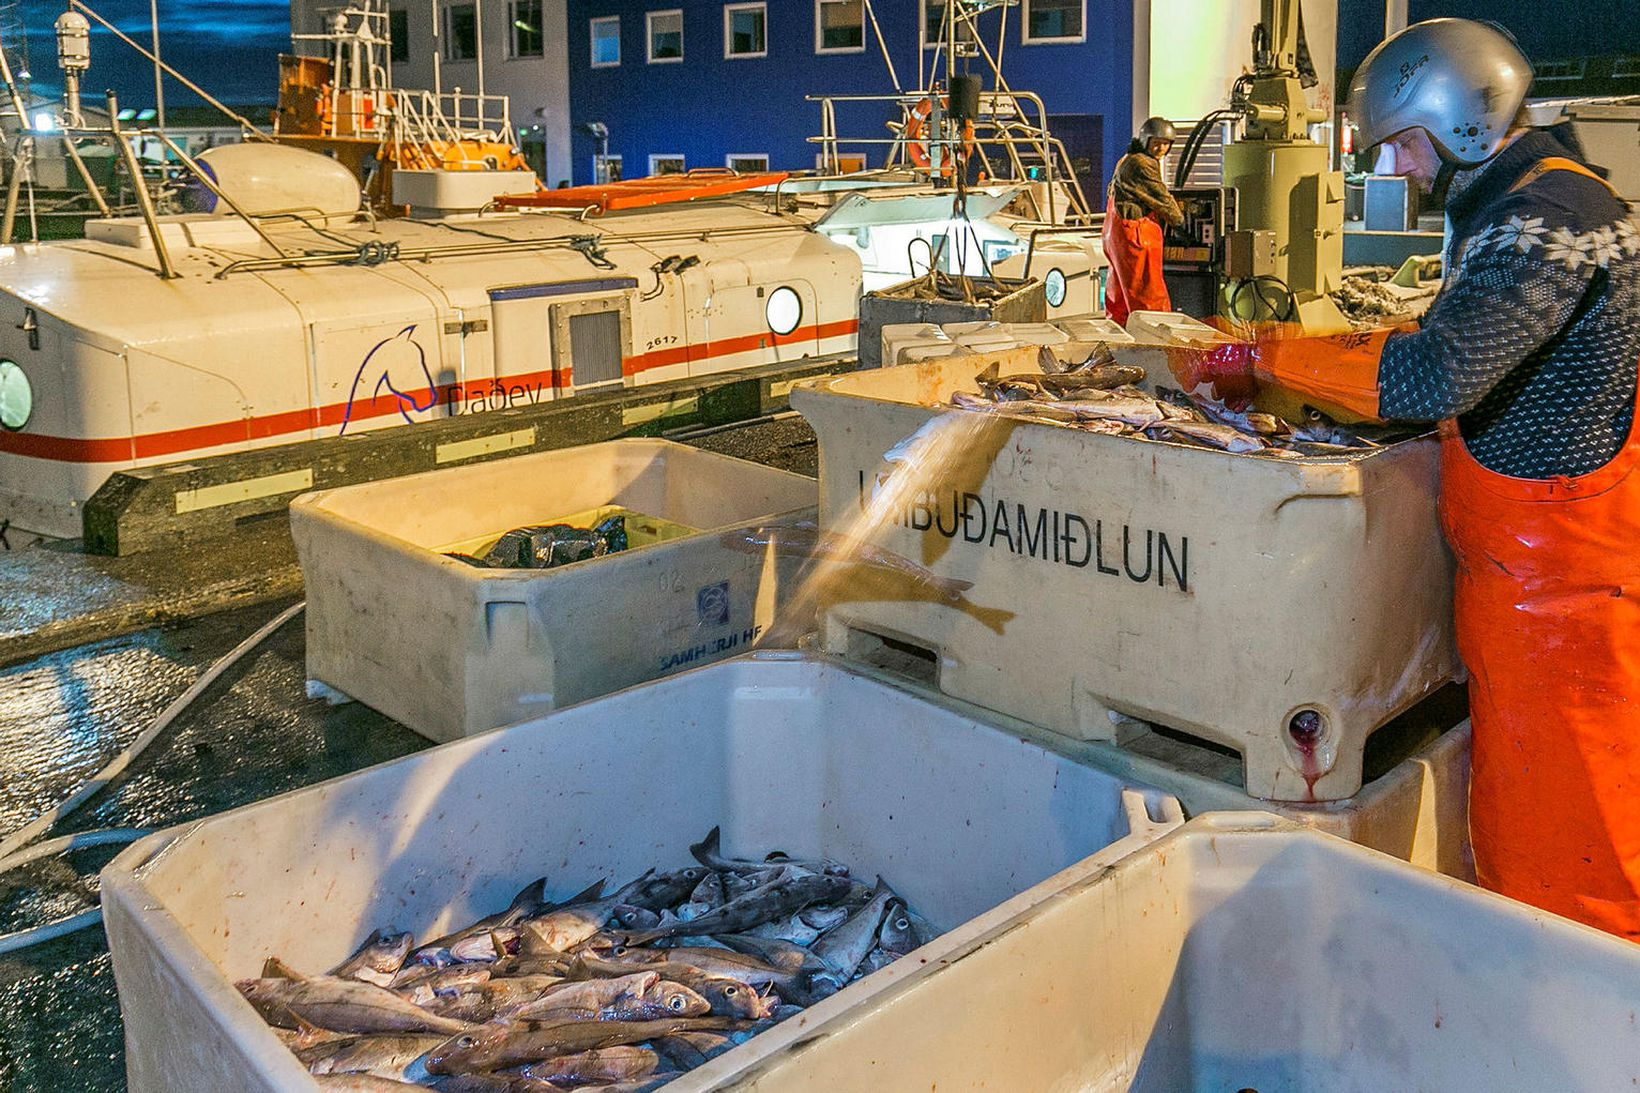 Löndun í Reykjavíkurhöfn. Sala á fiskimörkuðum hefur verið meiri það …